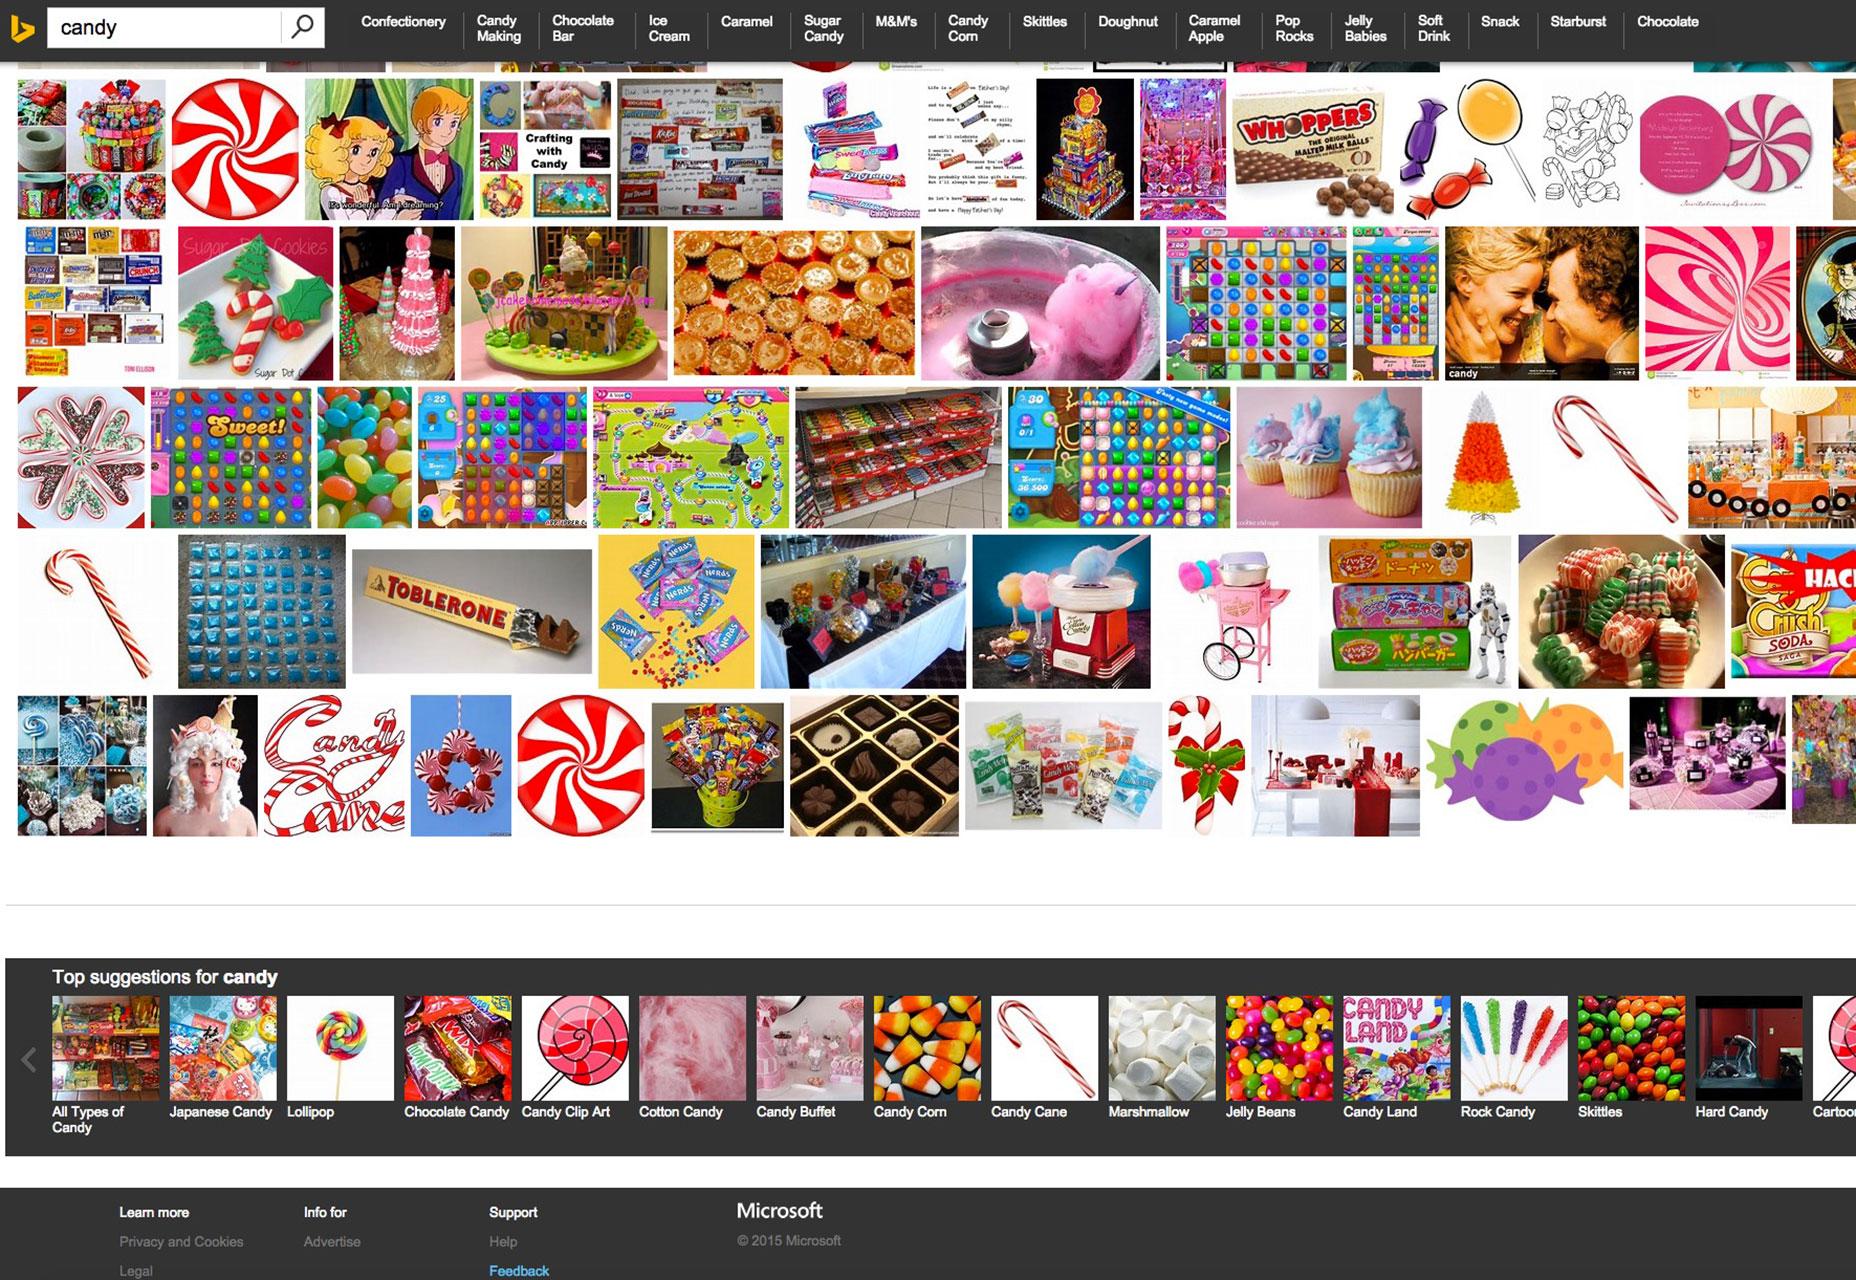 Bing-Imágenes-Captura de pantalla